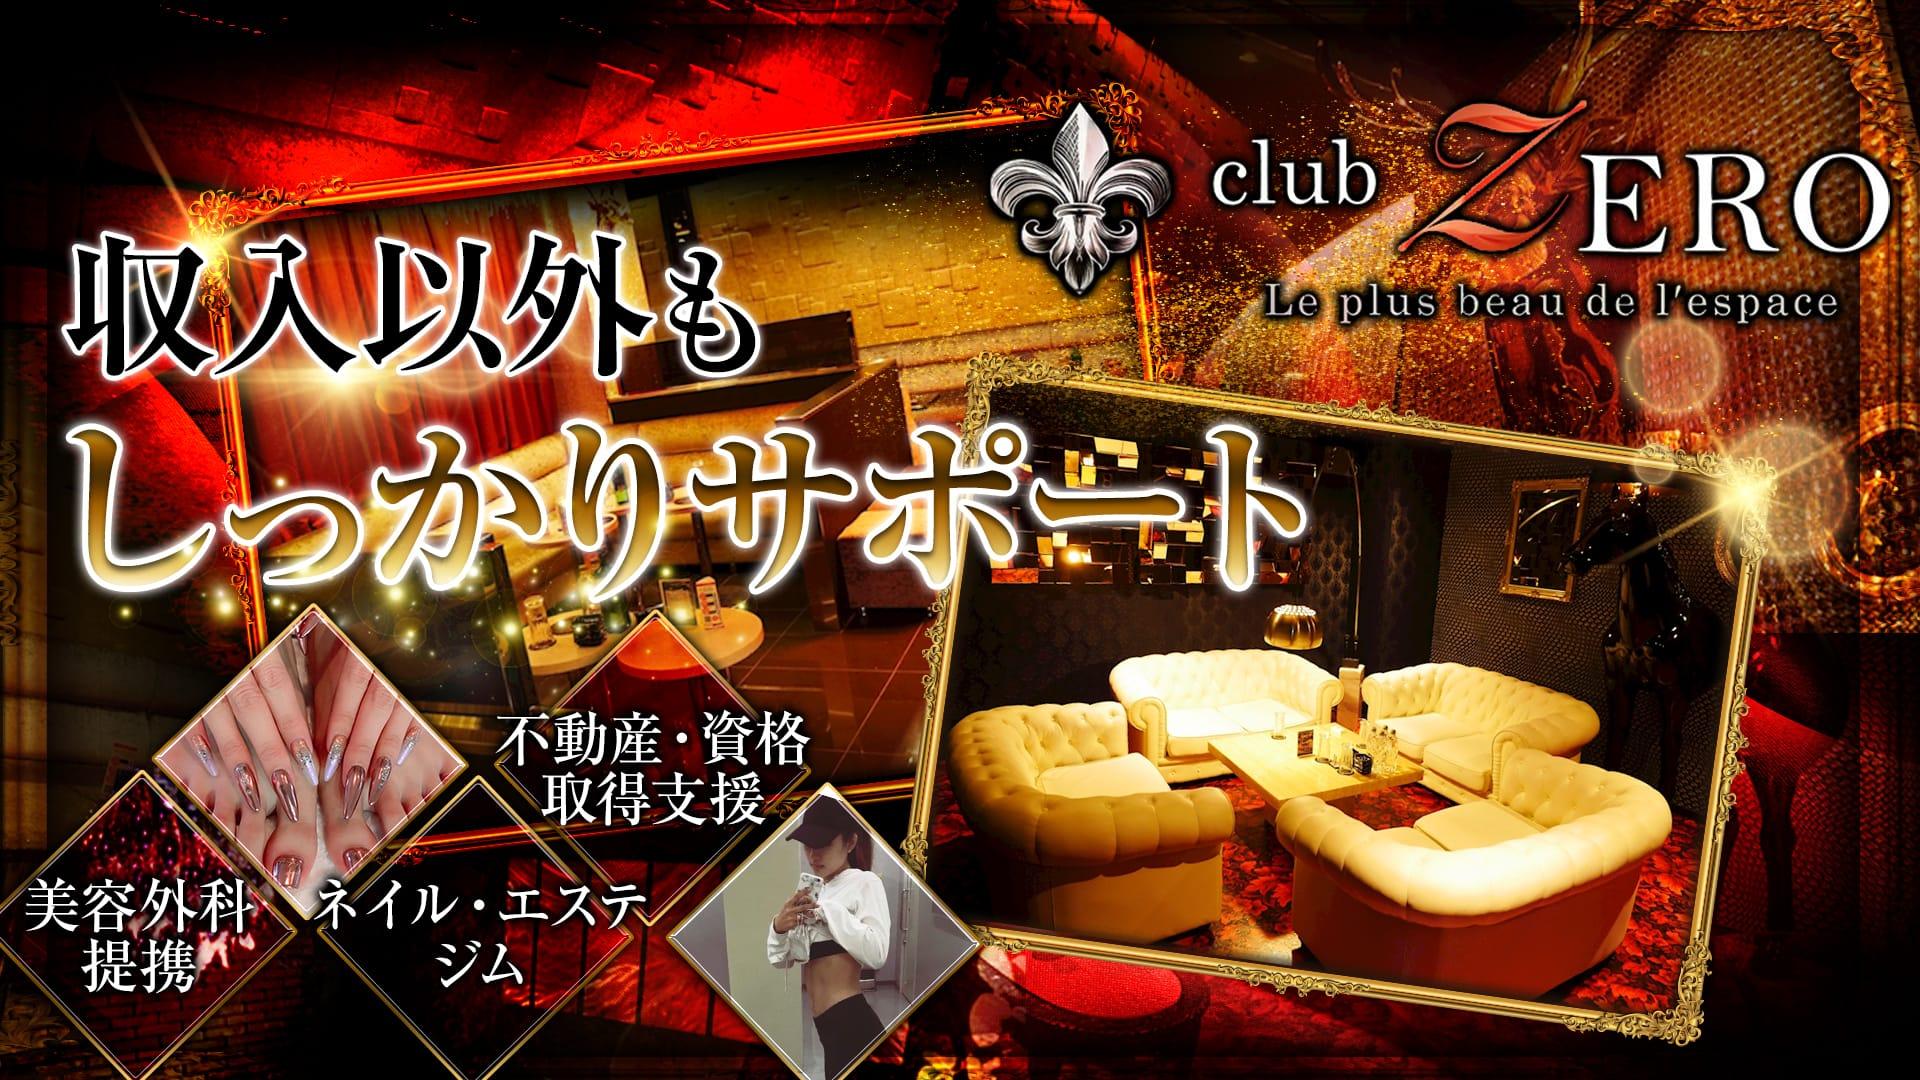 CLUB ZERO (ゼロ) 柏キャバクラ TOP画像